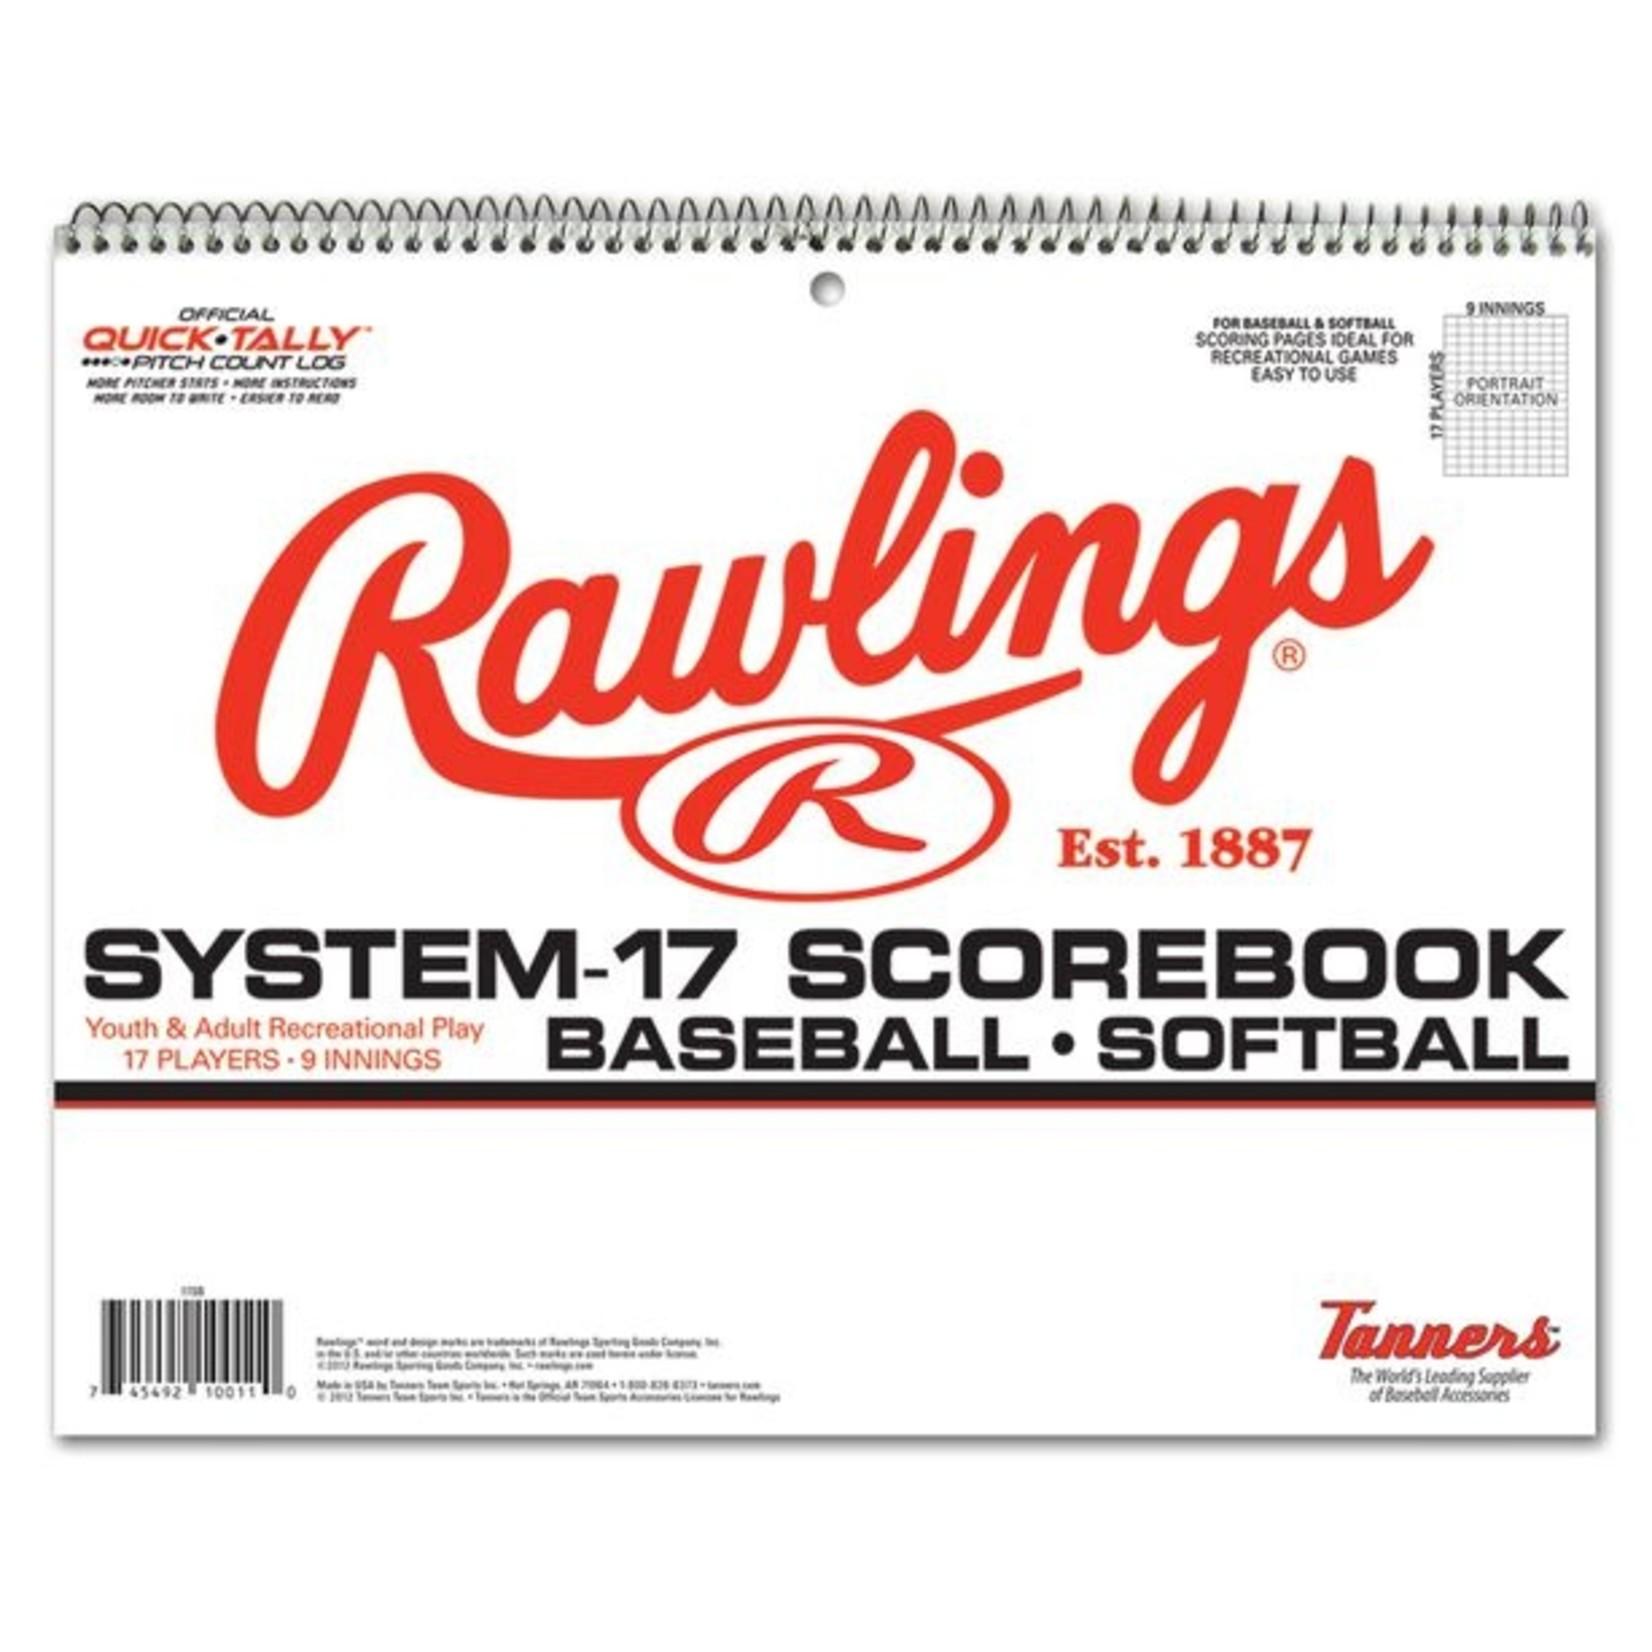 RAWLINGS Rawlings Scorebook